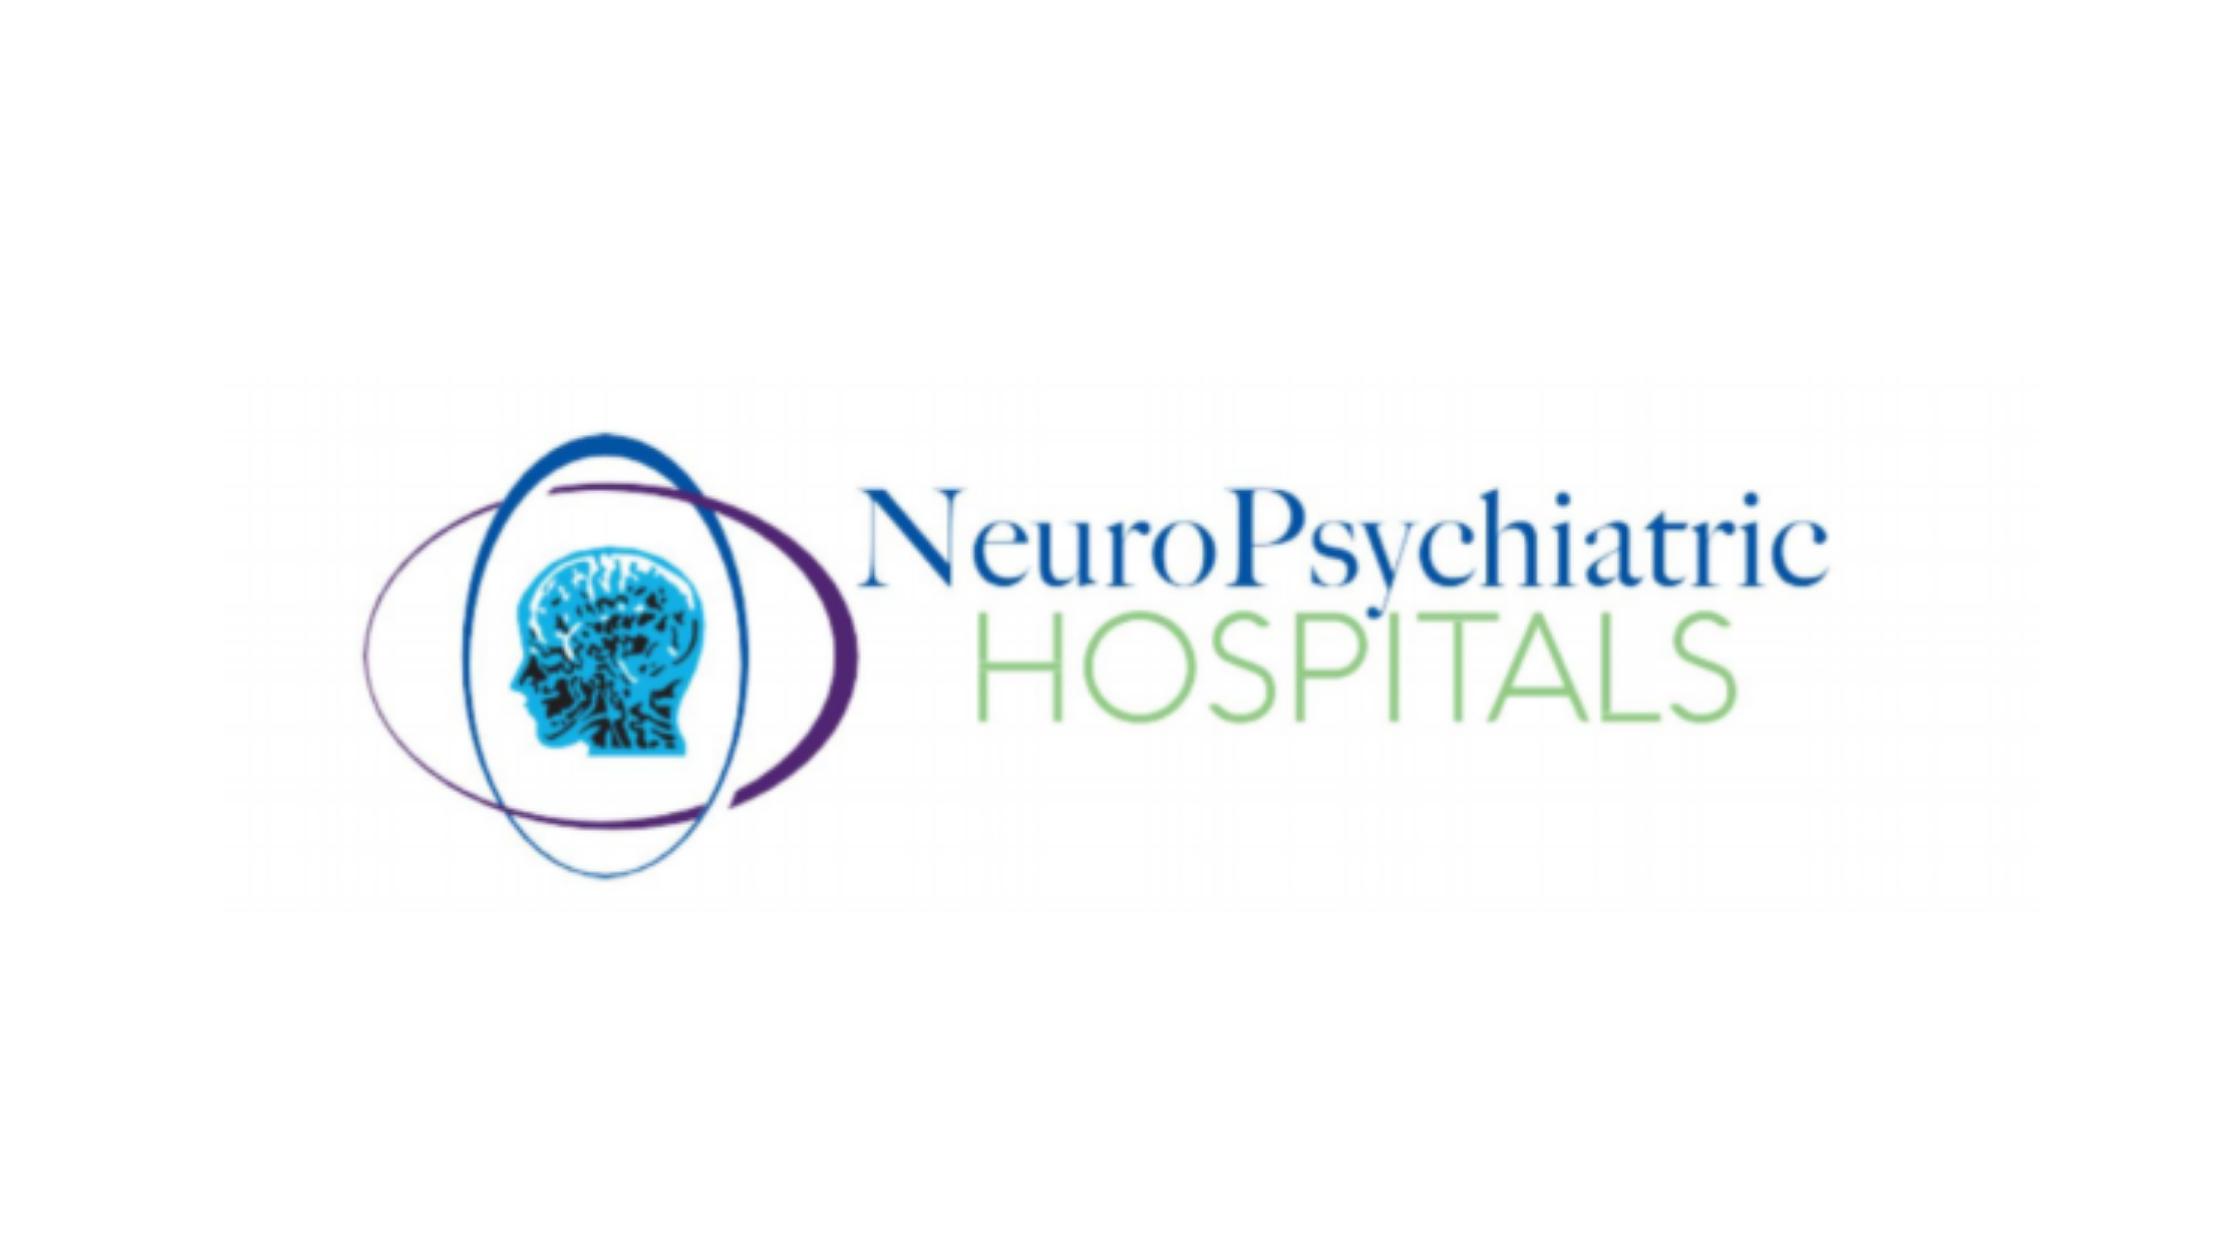 NeuroPsychiatric Hospitals' Response